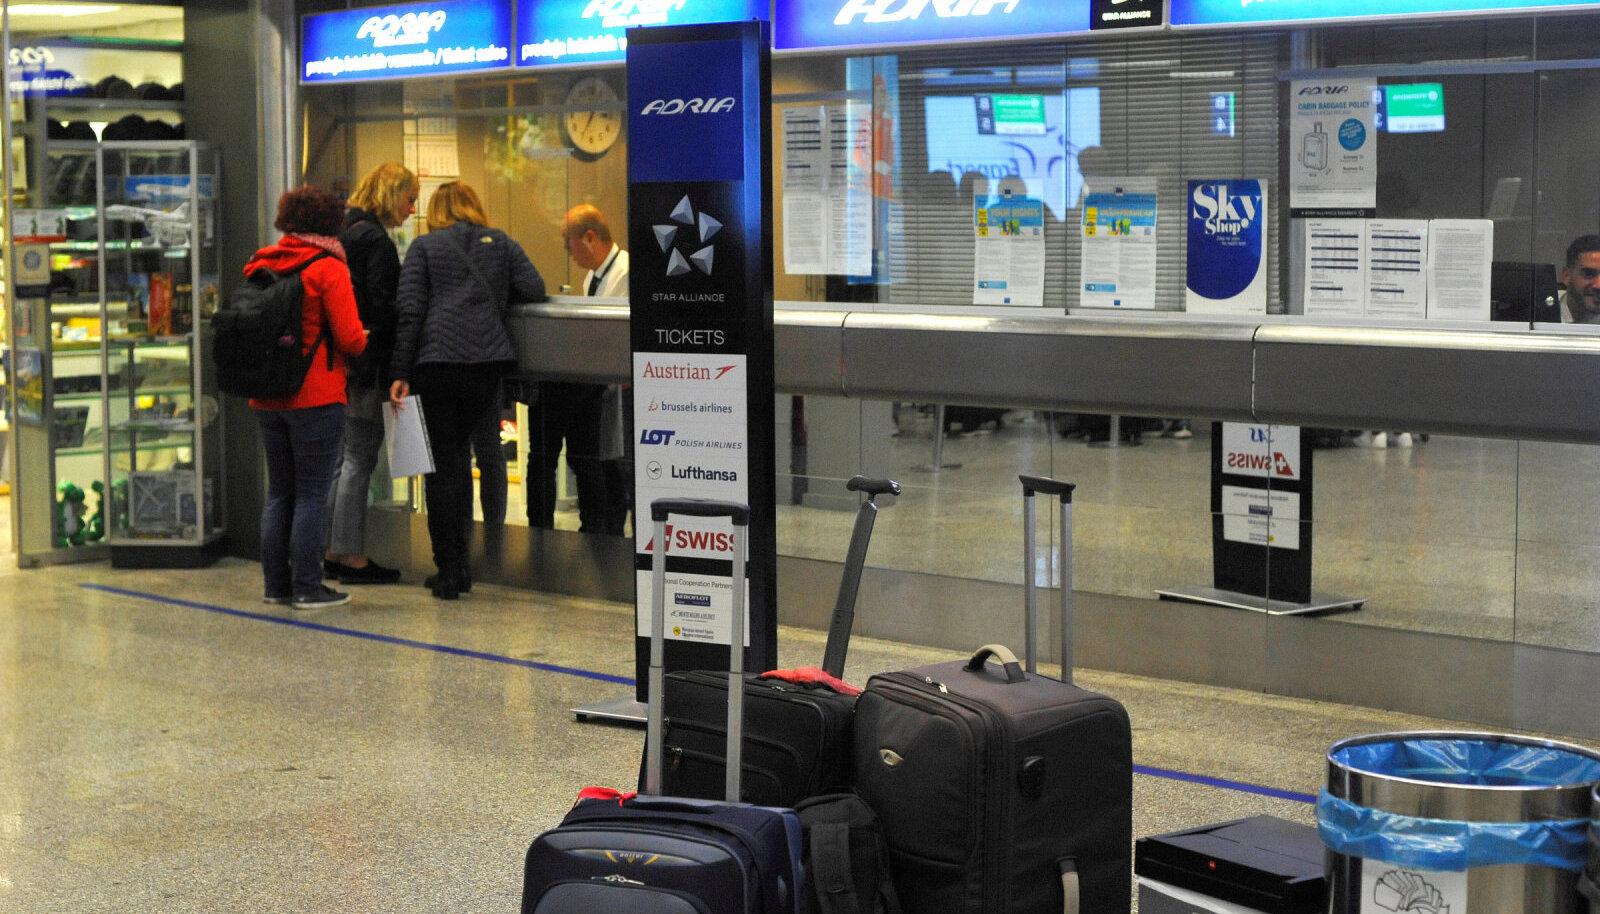 Kliendid on õnnetud - kõik lennud on tühistatud. Muretsemiseks on põhjust ka Nordical ja siin on jutt miljonitest eurodest.